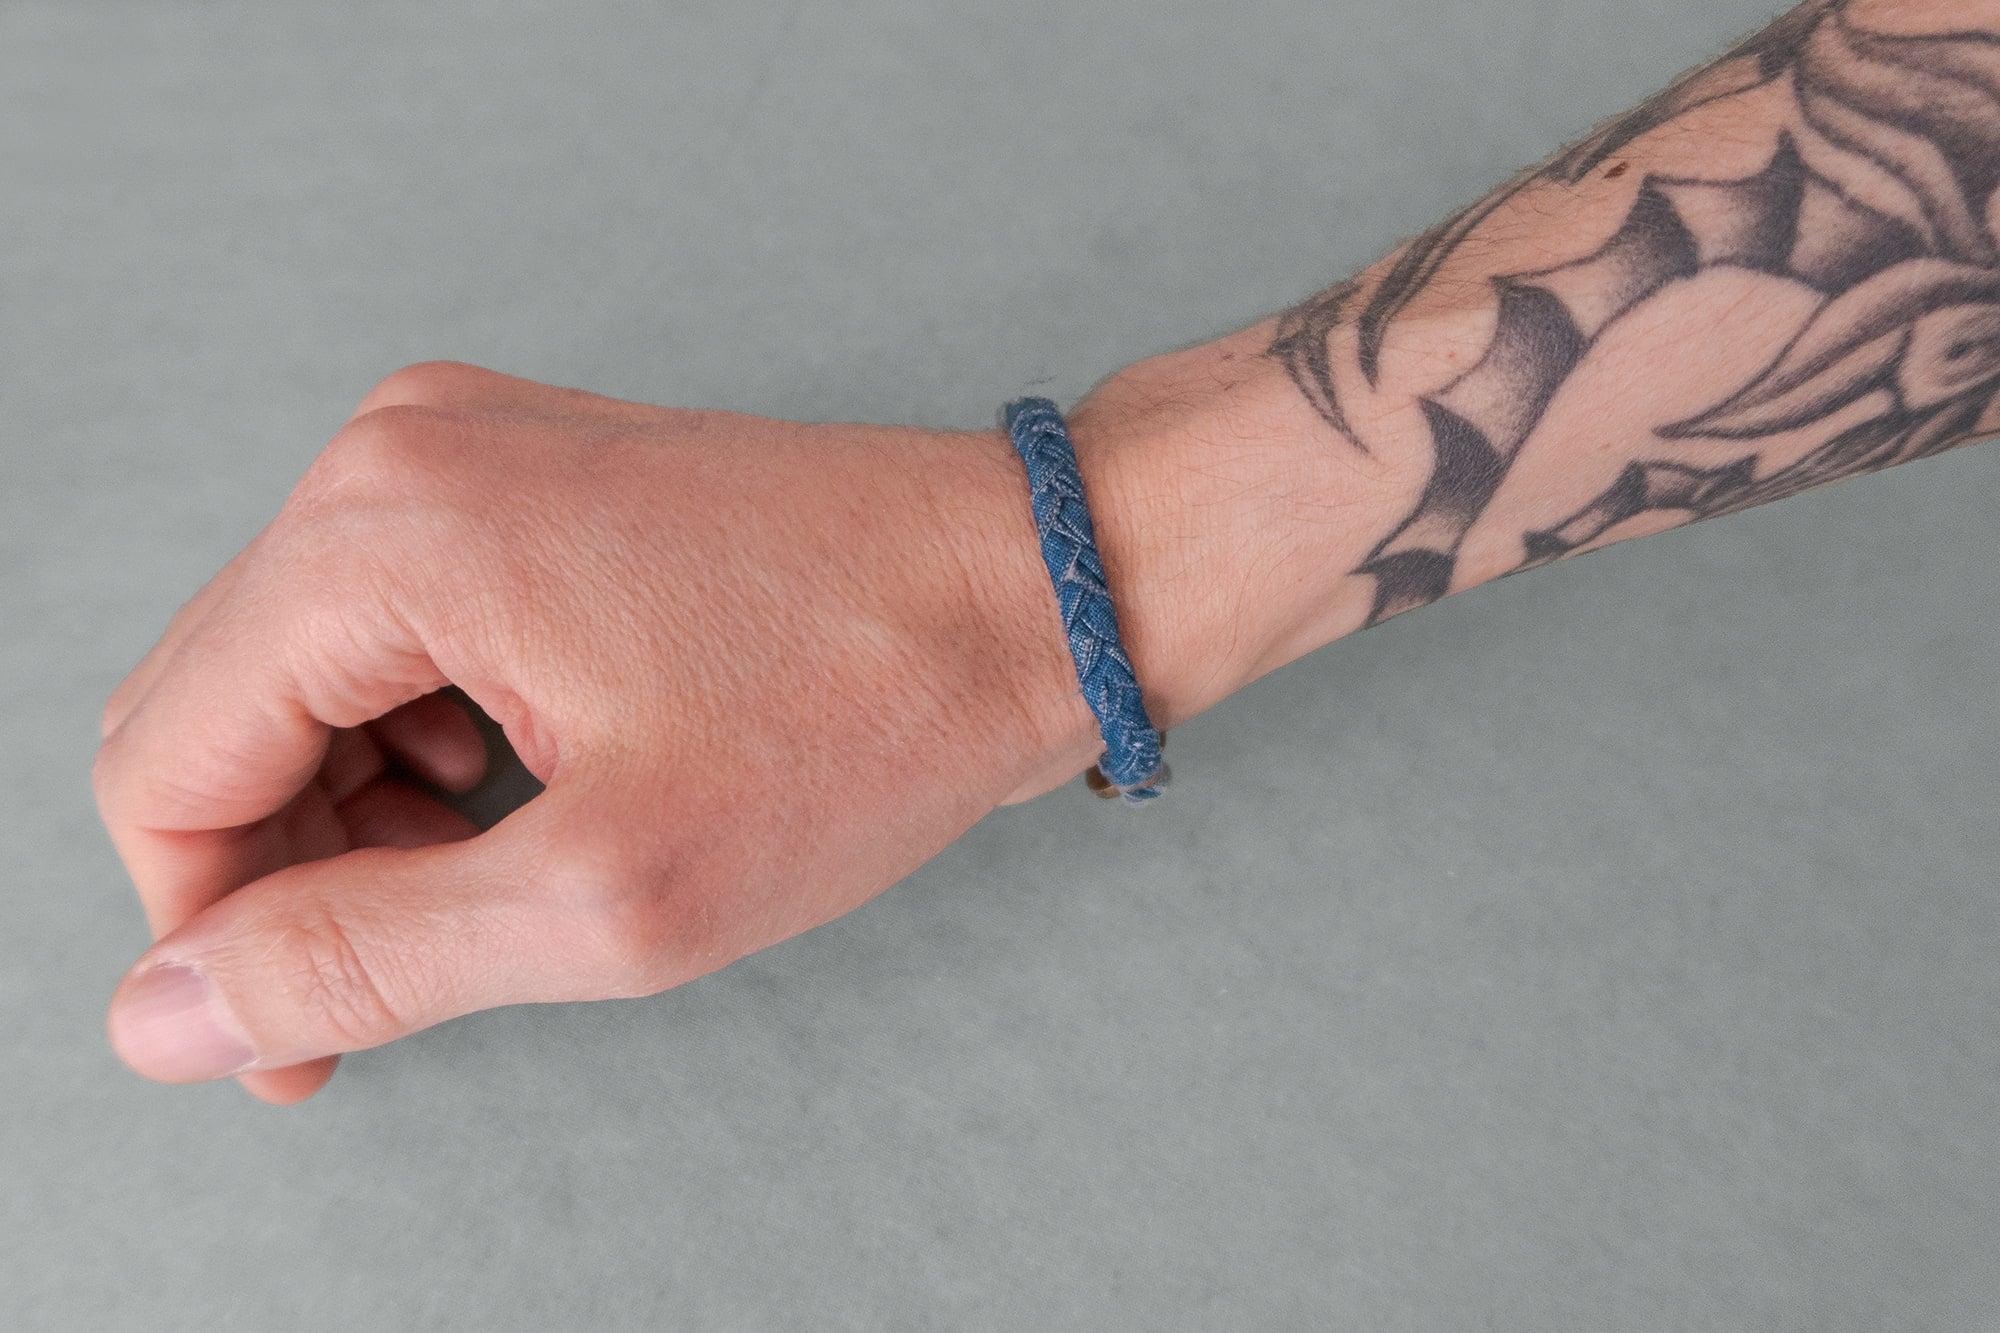 Voici le bracelet porté au poignet avec la taille parfaite